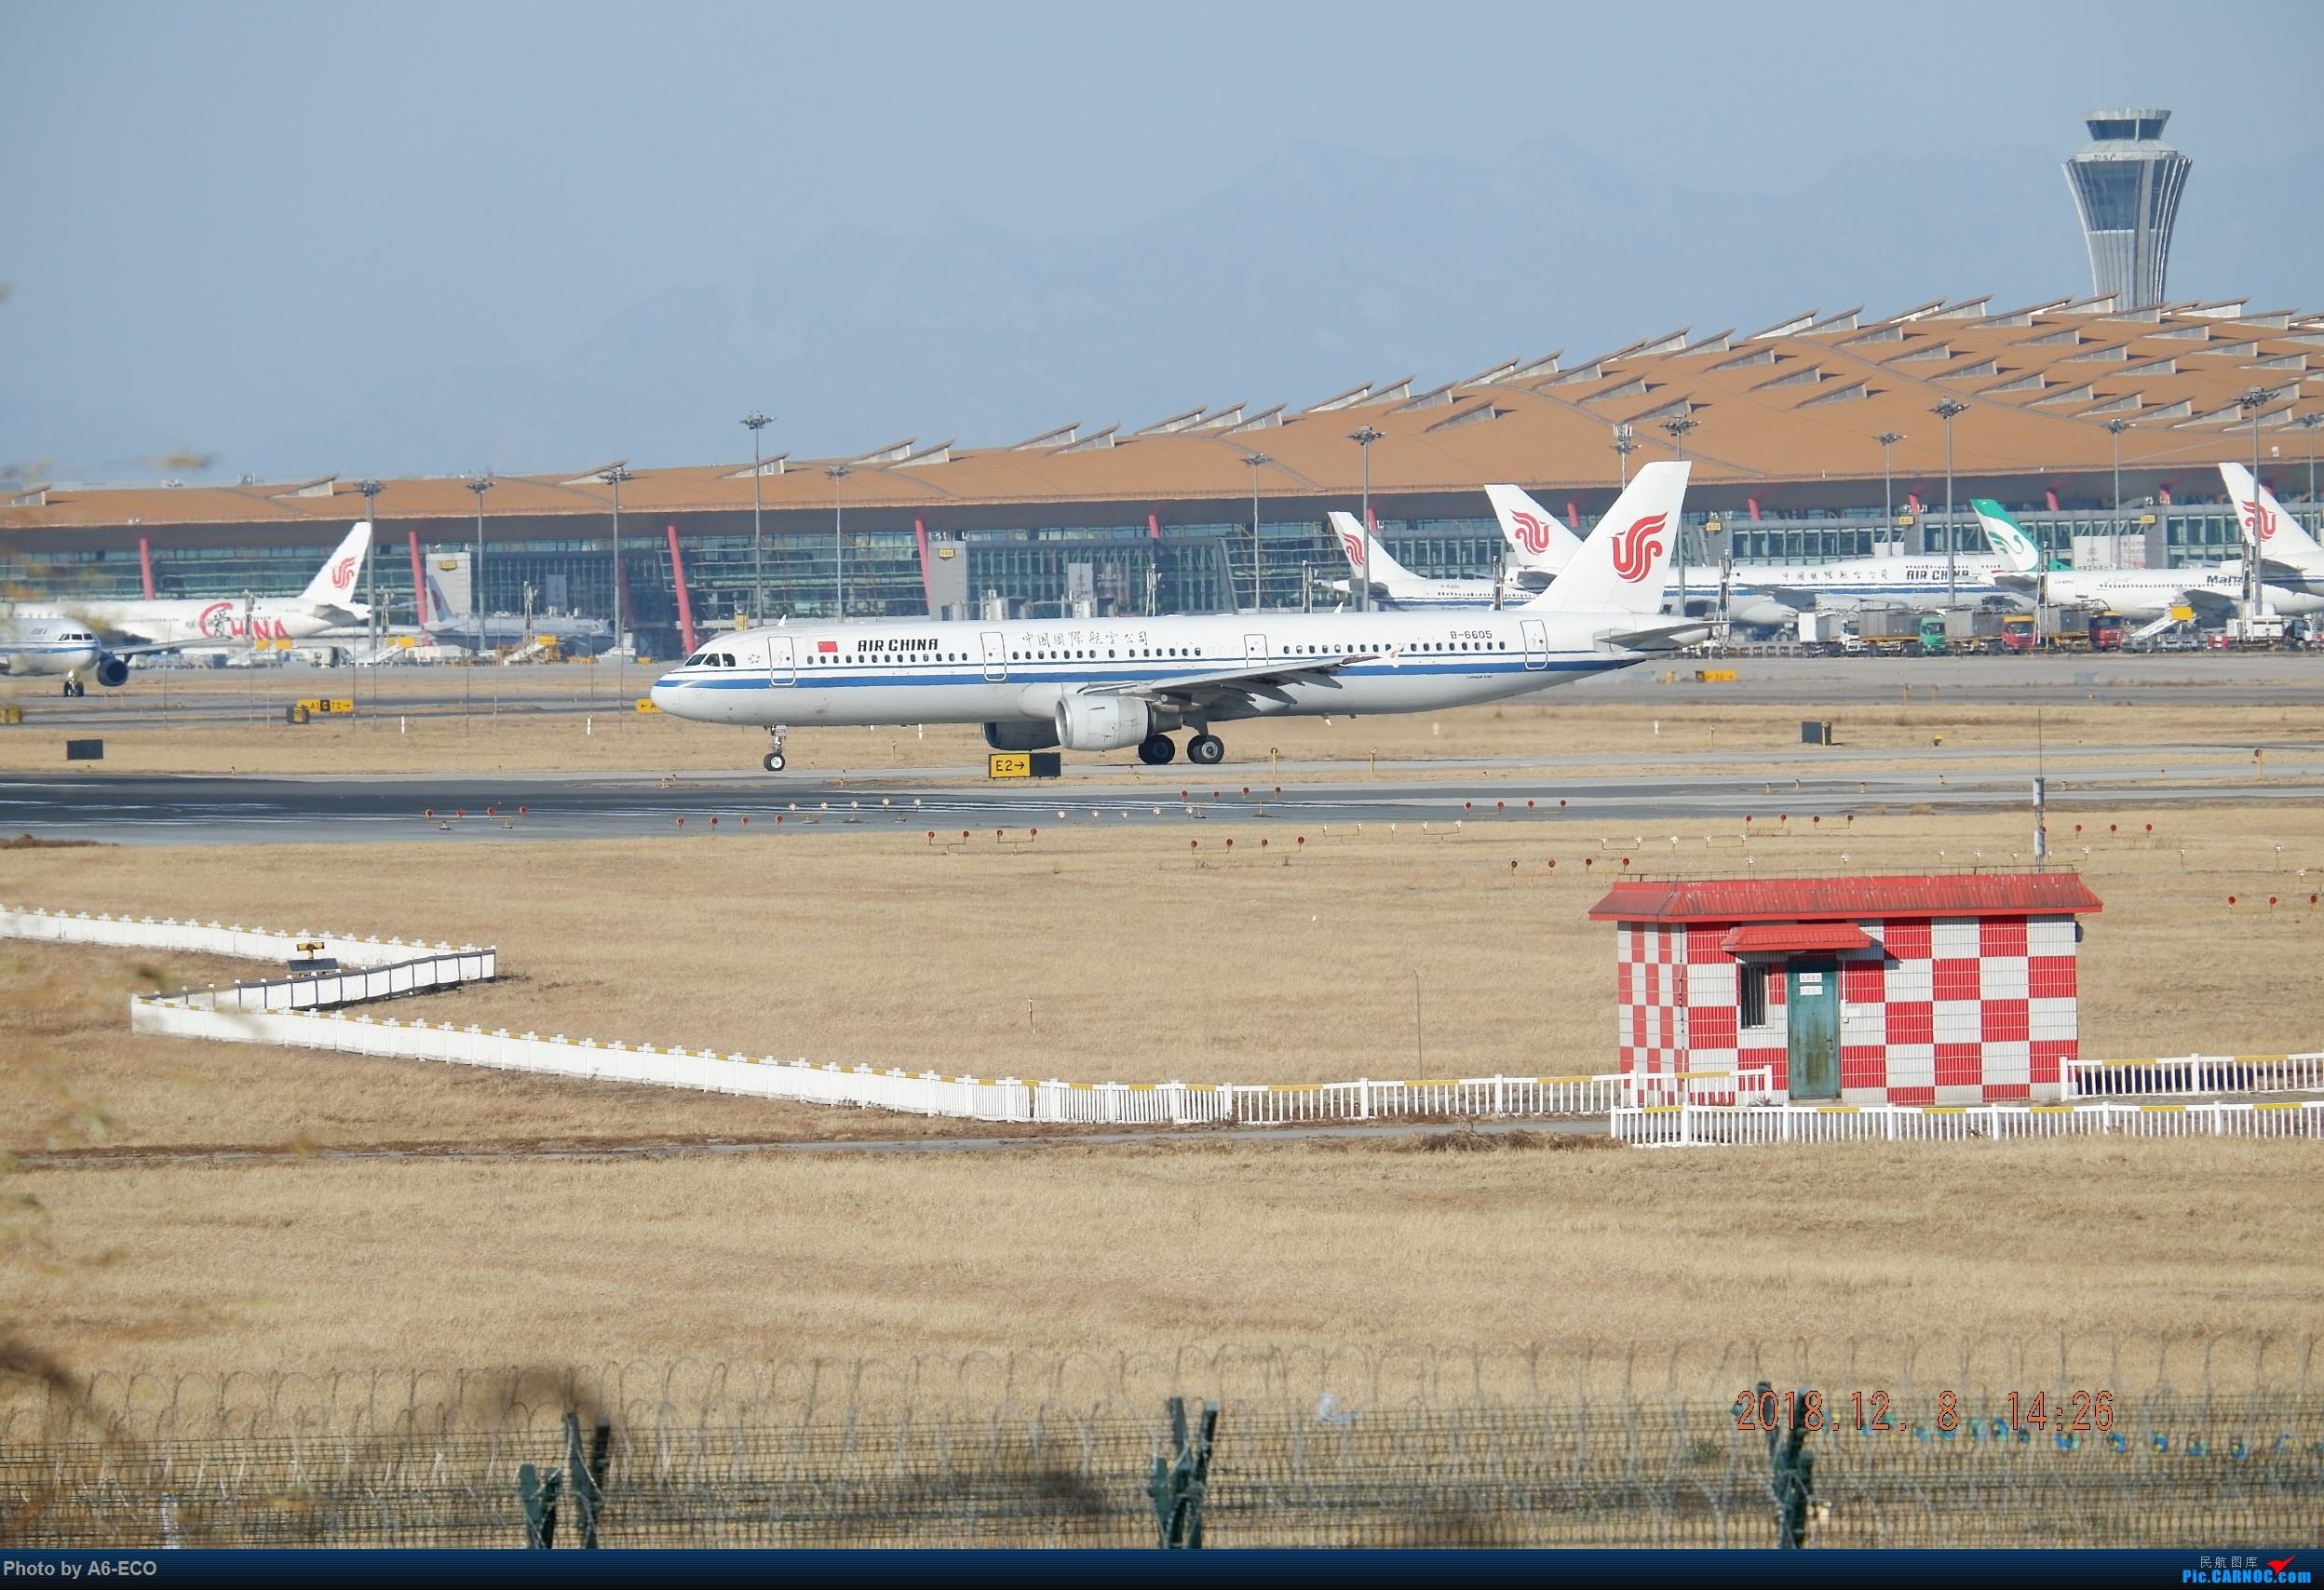 Re:[原创]【Siriの拍机】换镜头,文末有彩蛋! AIRBUS A321-200 B-6605 中国北京首都国际机场